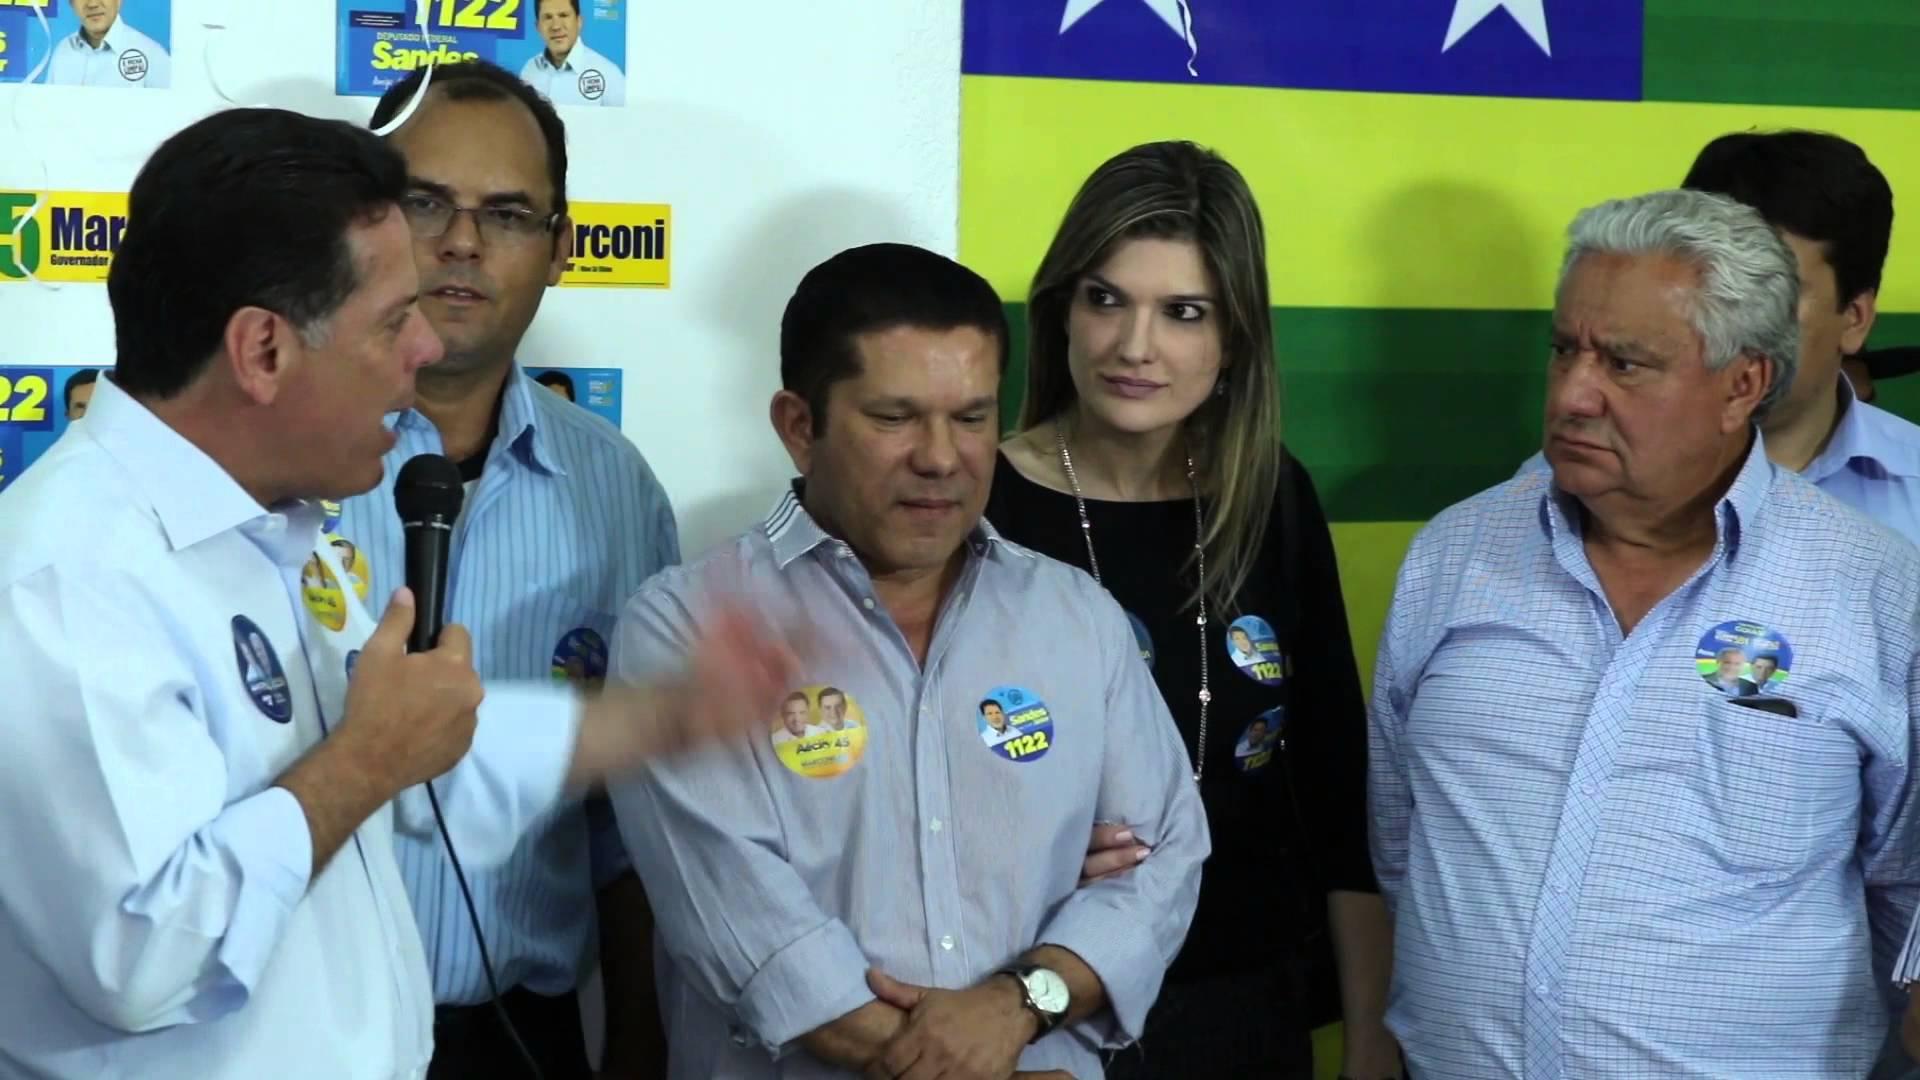 Marconi Perillo pede votos para Sandes Júnior em palanque eleitoral. Ainda na foto, o ex-deputado Vilmar Rocha, escolhido como primeiro suplente de Perillo apesar de ter dito que não pedirá votos para o governador José Eliton em 2018 | Foto: Reprodução